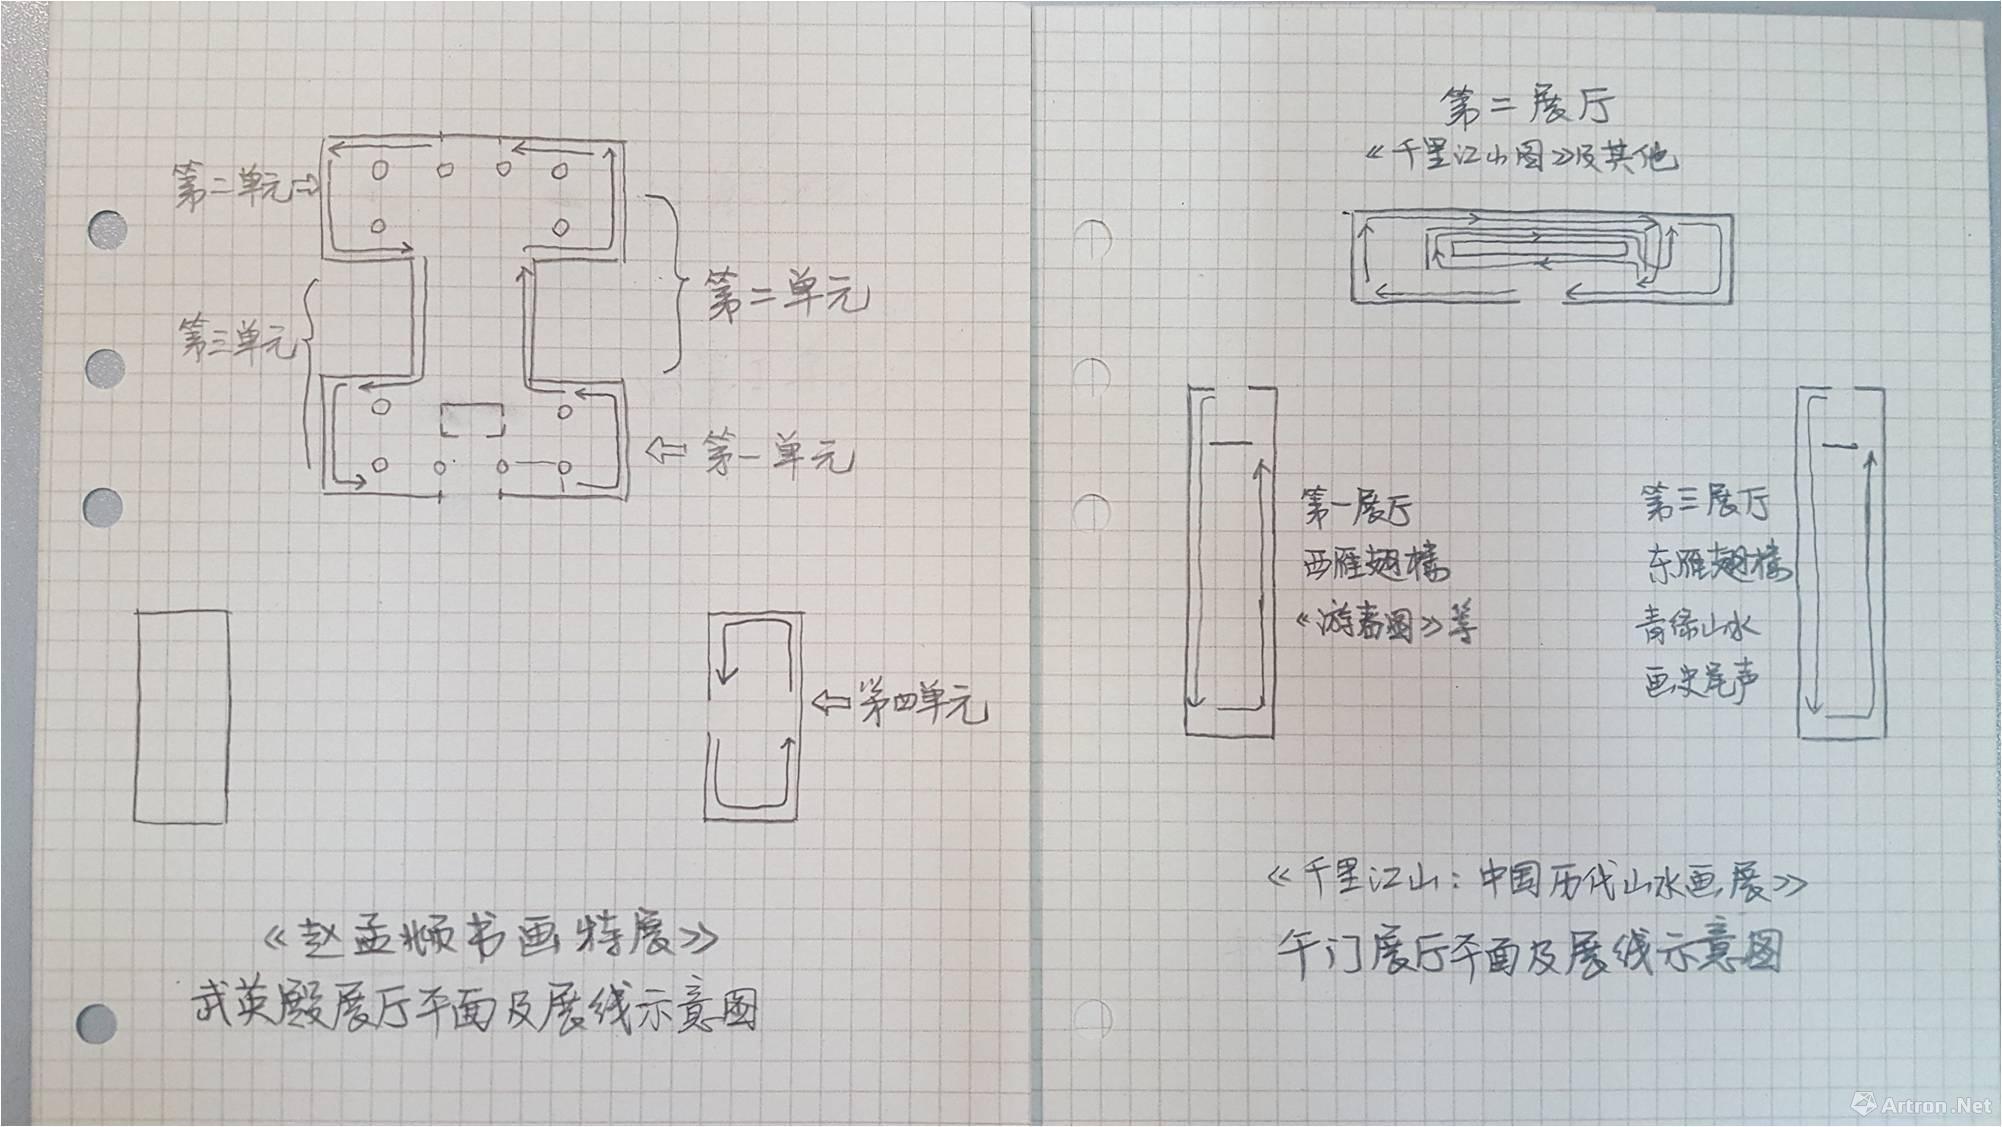 《赵孟頫书画特展》武英殿展厅平面及展线示意图